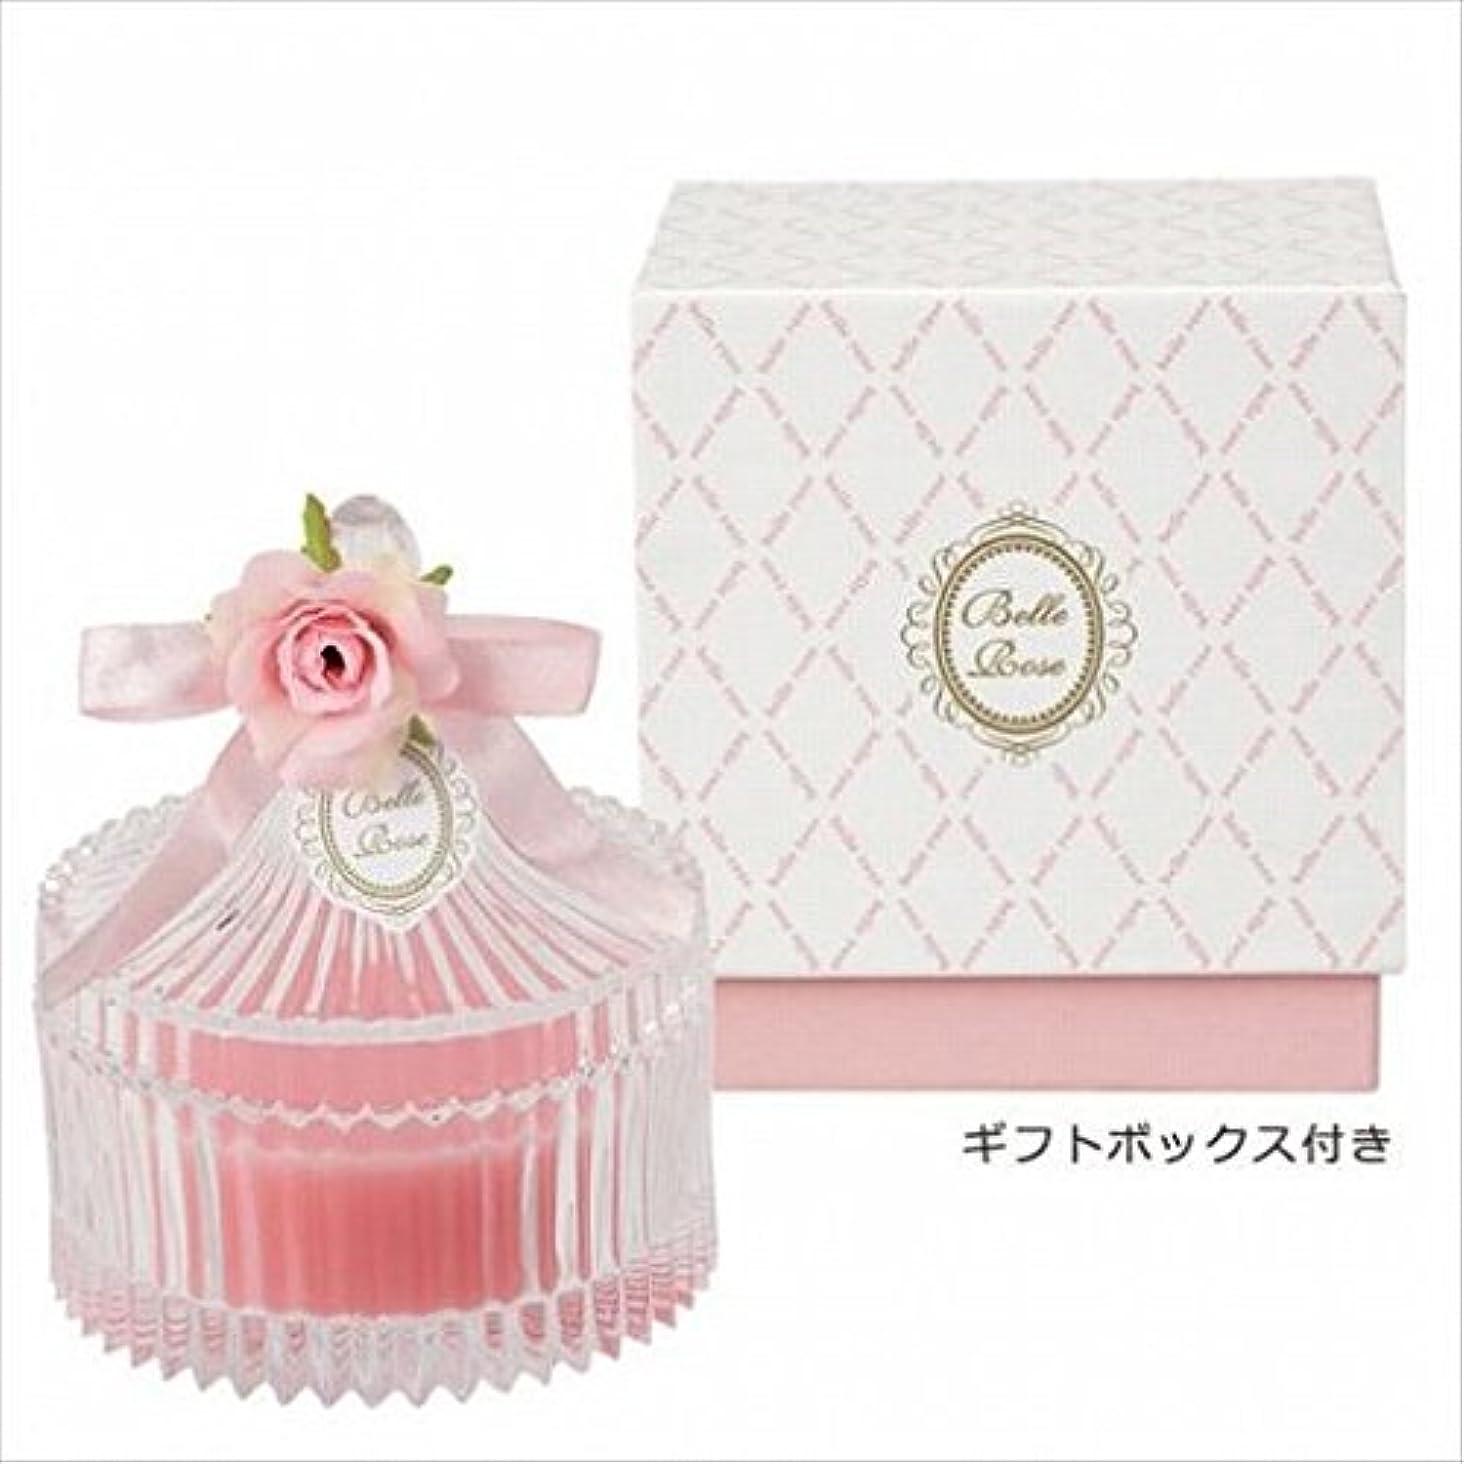 白いタイトル置換kameyama candle(カメヤマキャンドル) ベルローズキャニスター 「 ピンク 」 キャンドル(A5920500PK)